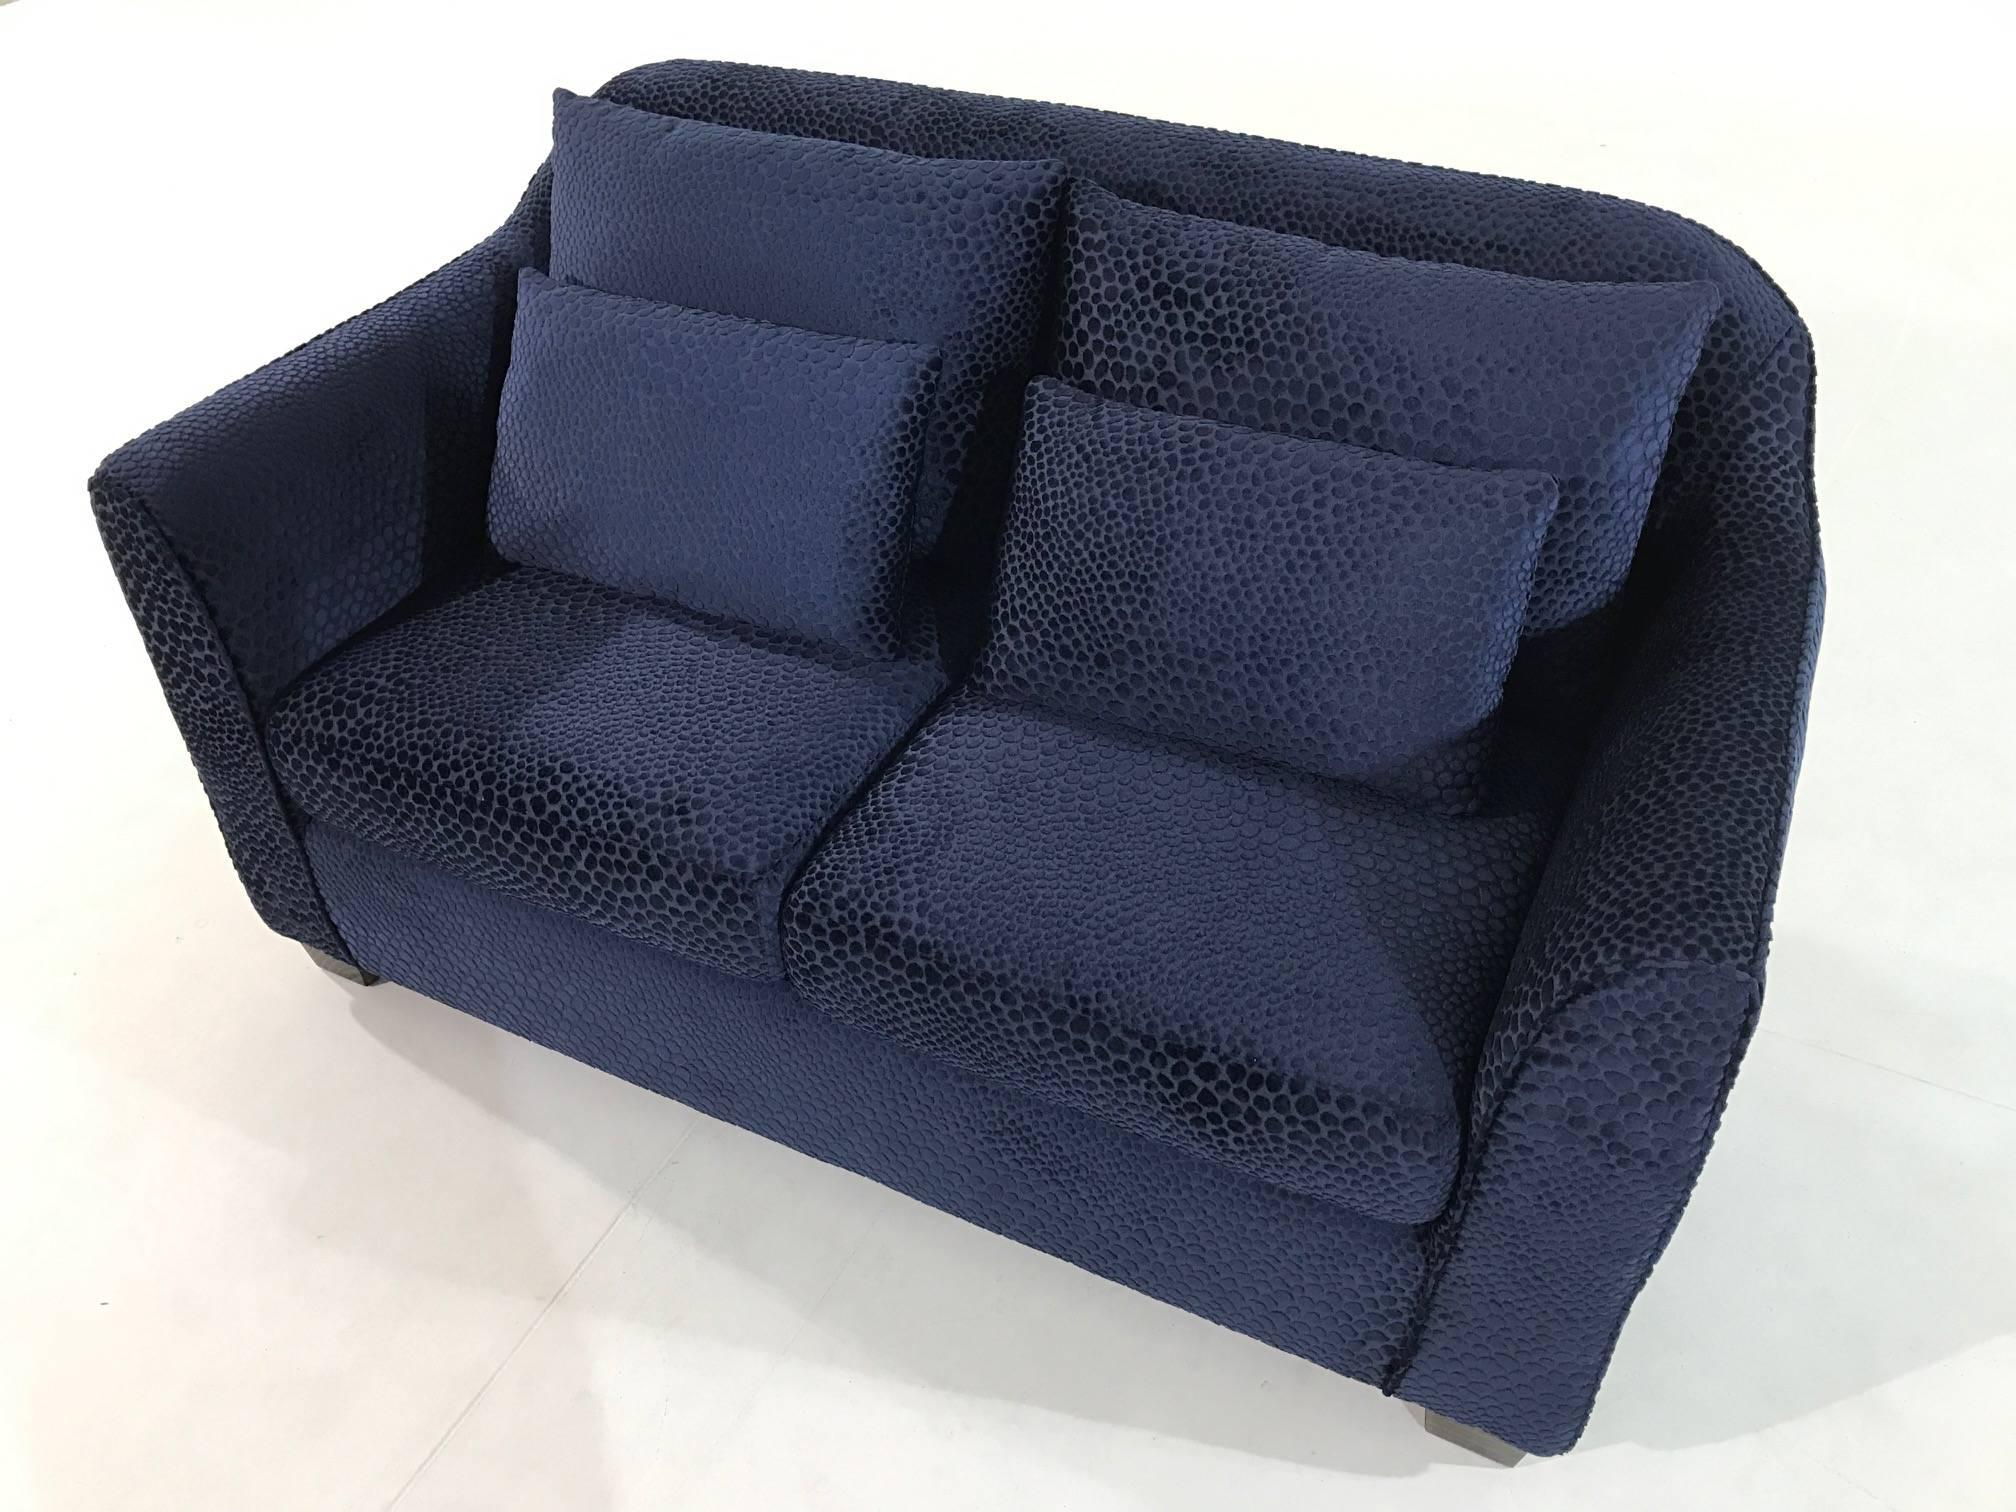 Sofa Stile Divani Sofa